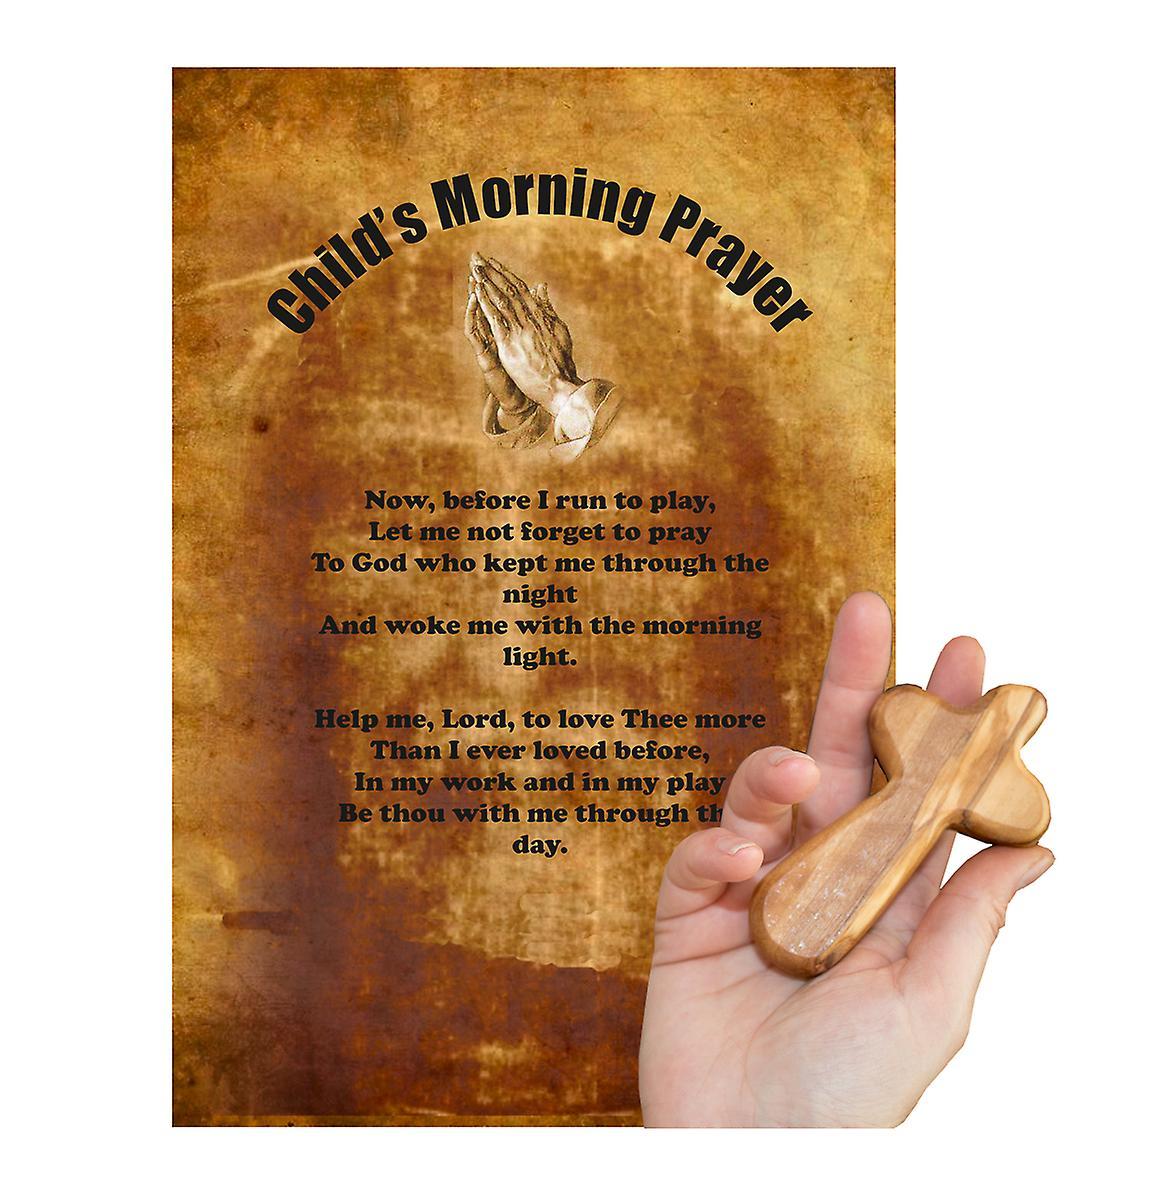 Childs Morning Prayer Carved Olive Wood Comfort Cross Religious Keepsake Hand Made In Bethlehem